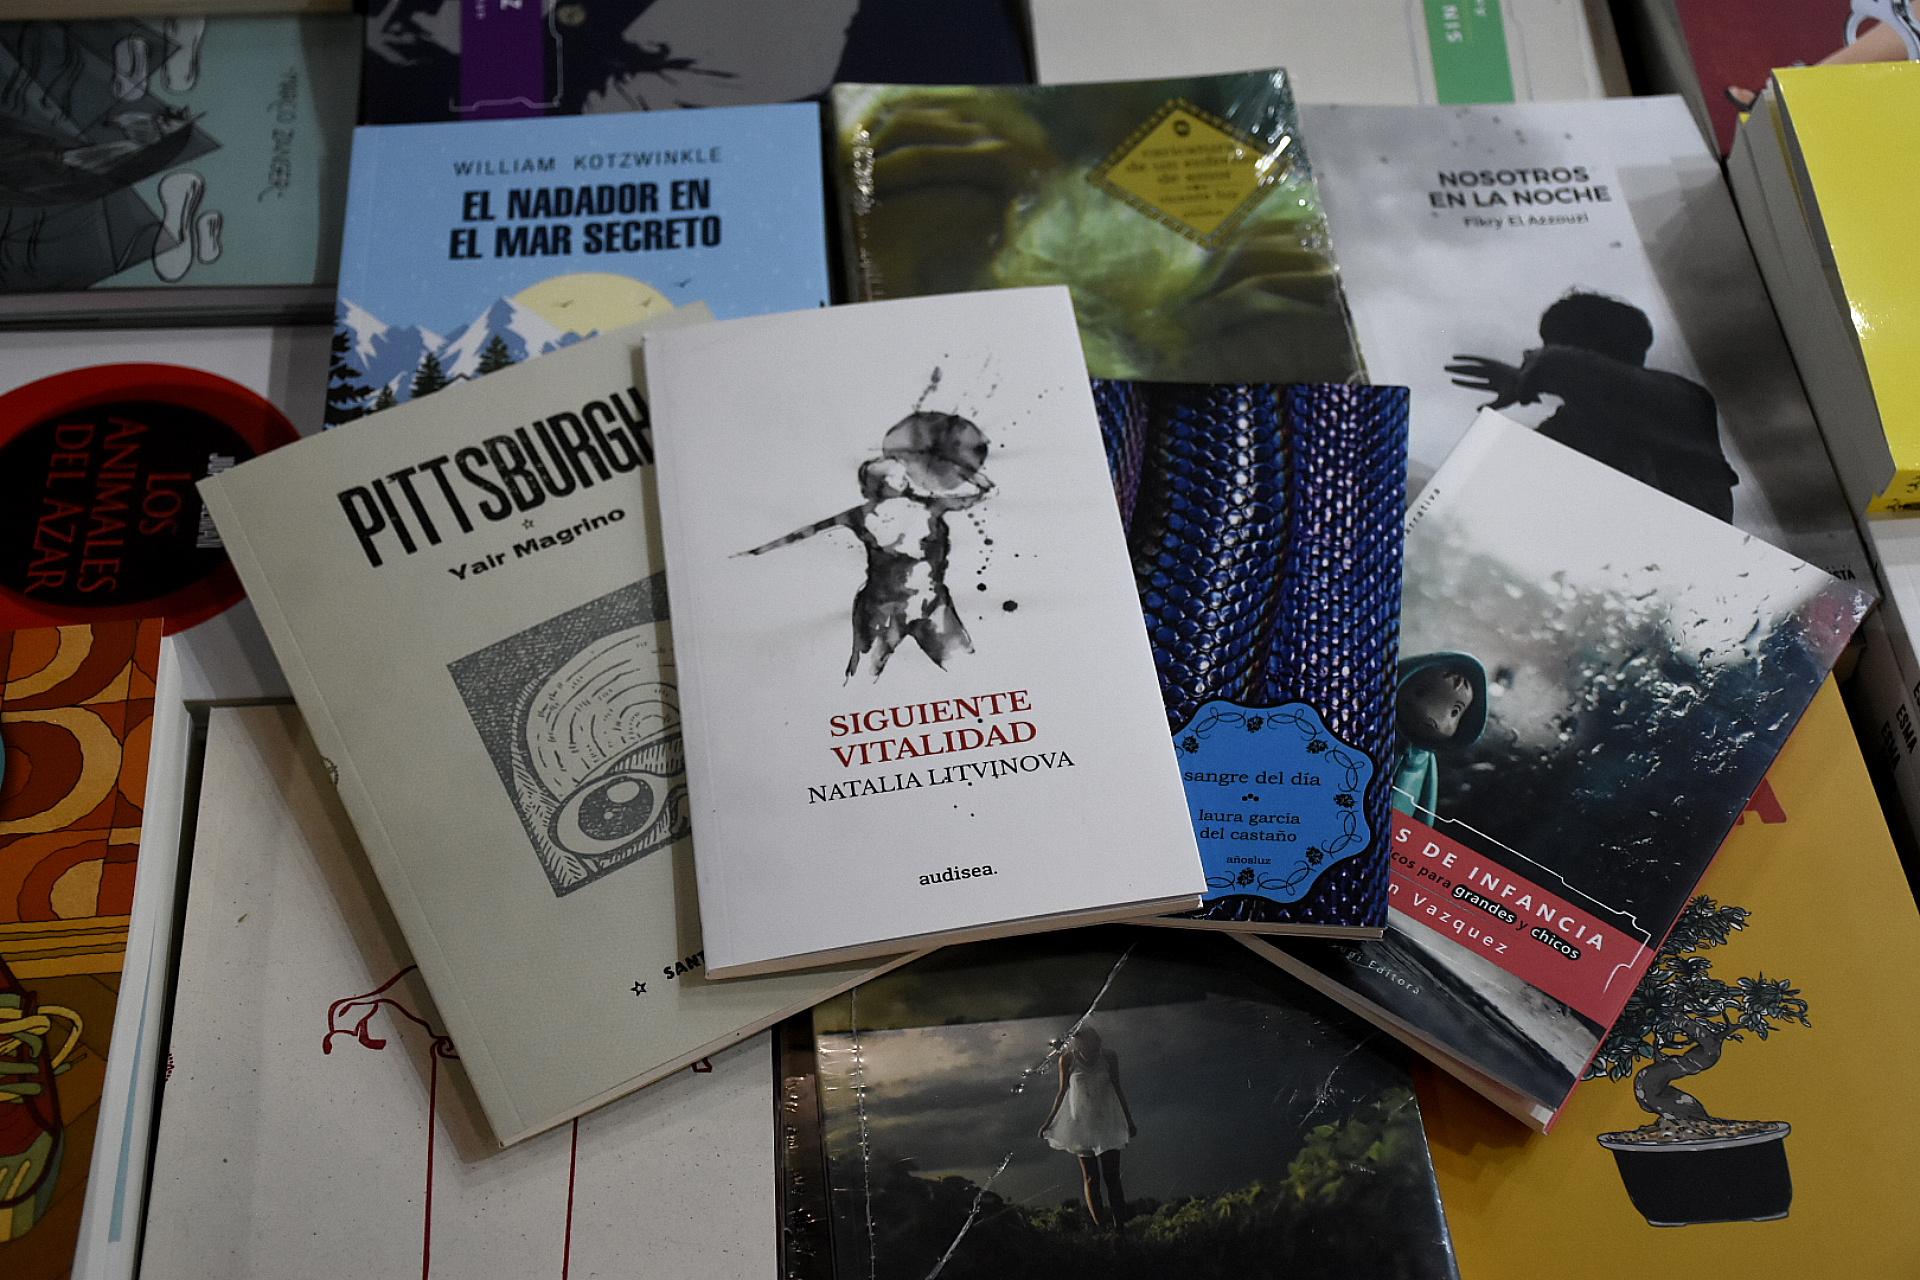 Libros baratos en el stand de La Coop (Nicolás Stulberg)